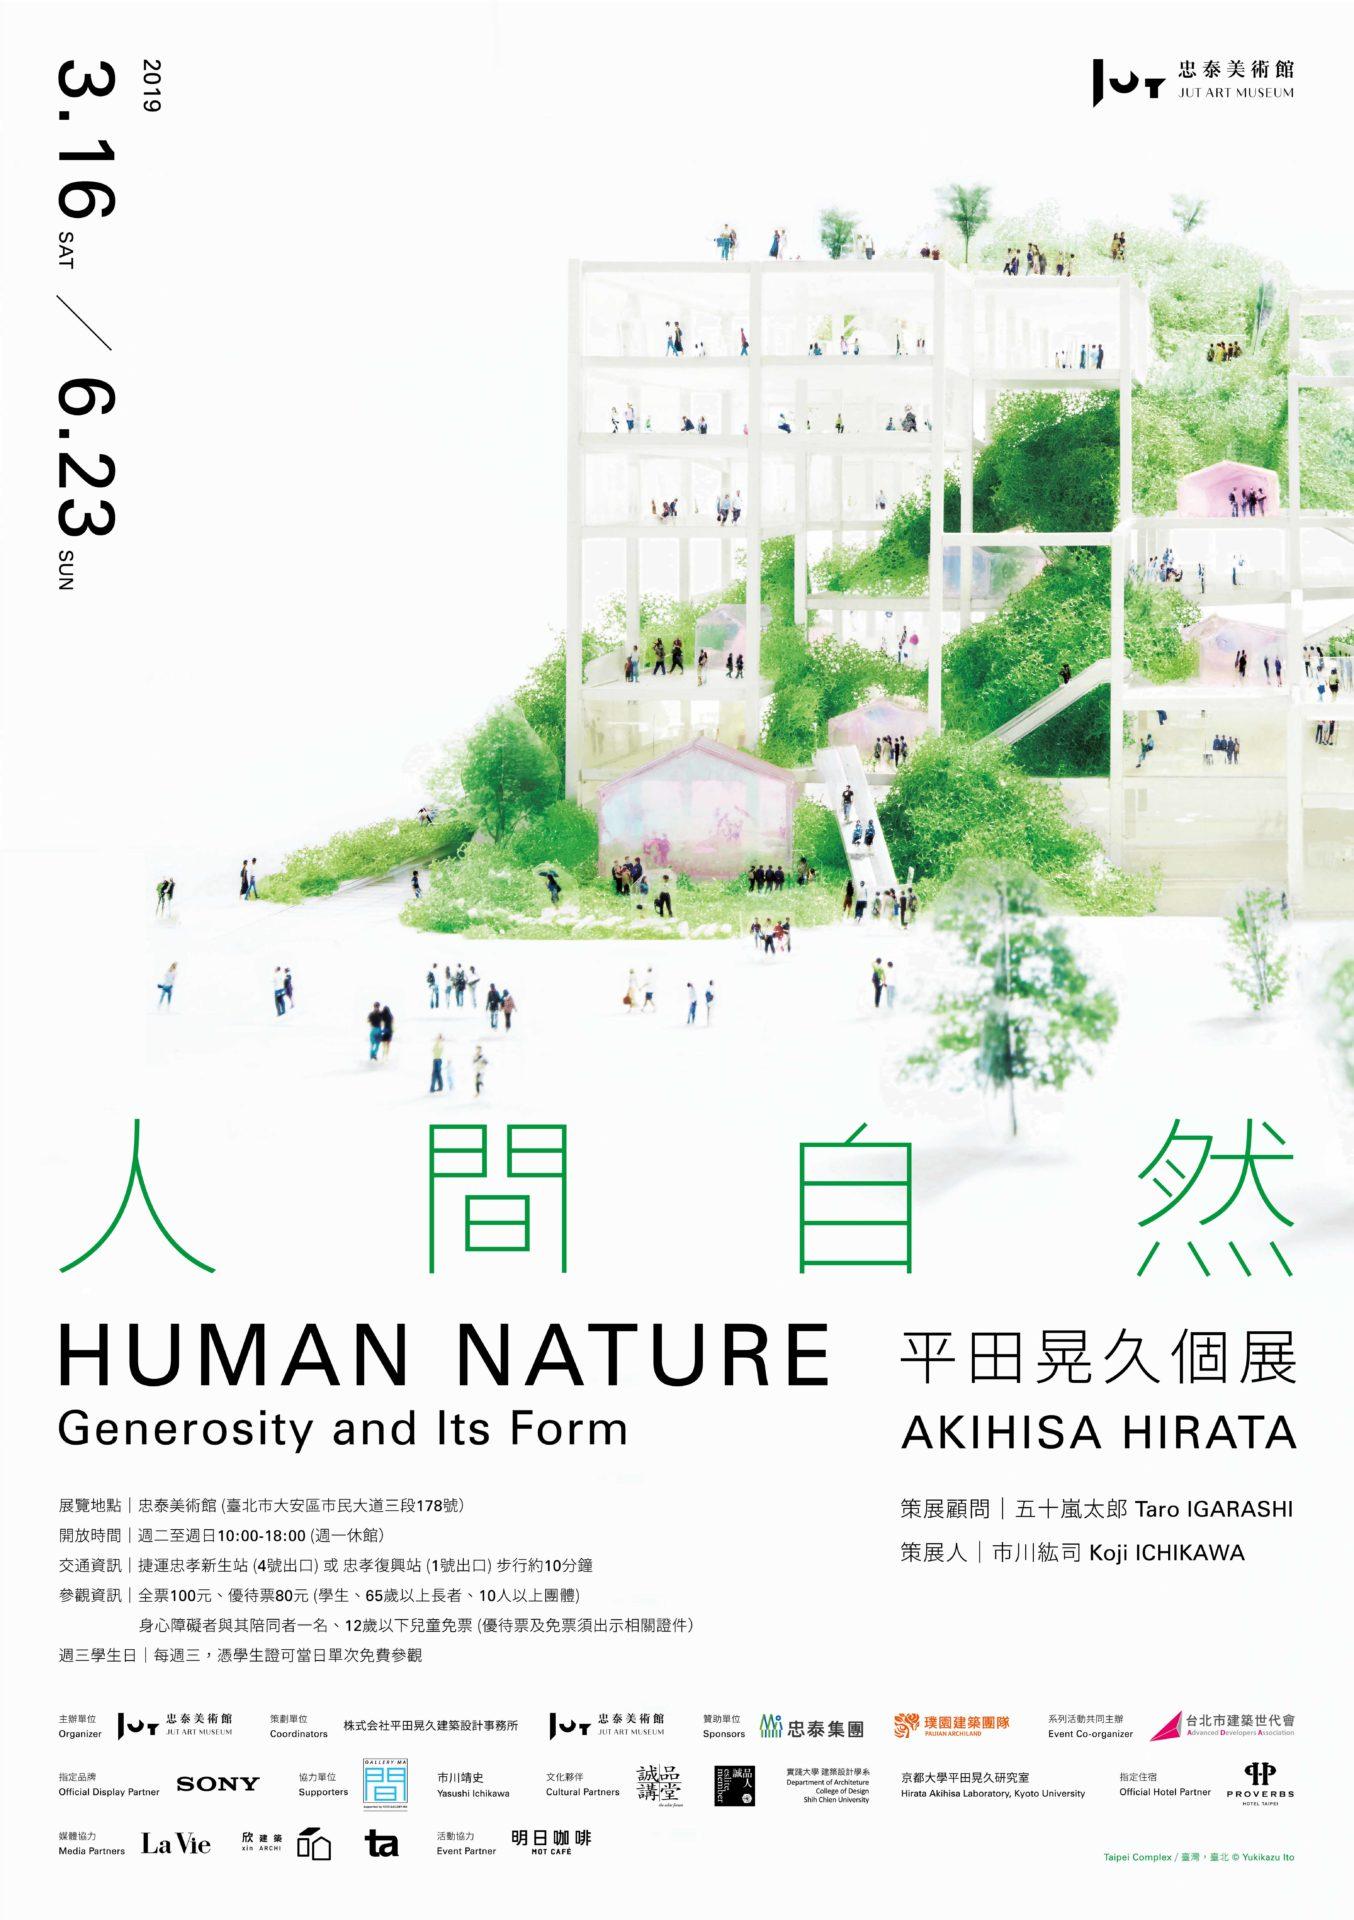 忠泰美術館:2019/03/16-2019/06/23【人間自然─平田晃久個展】